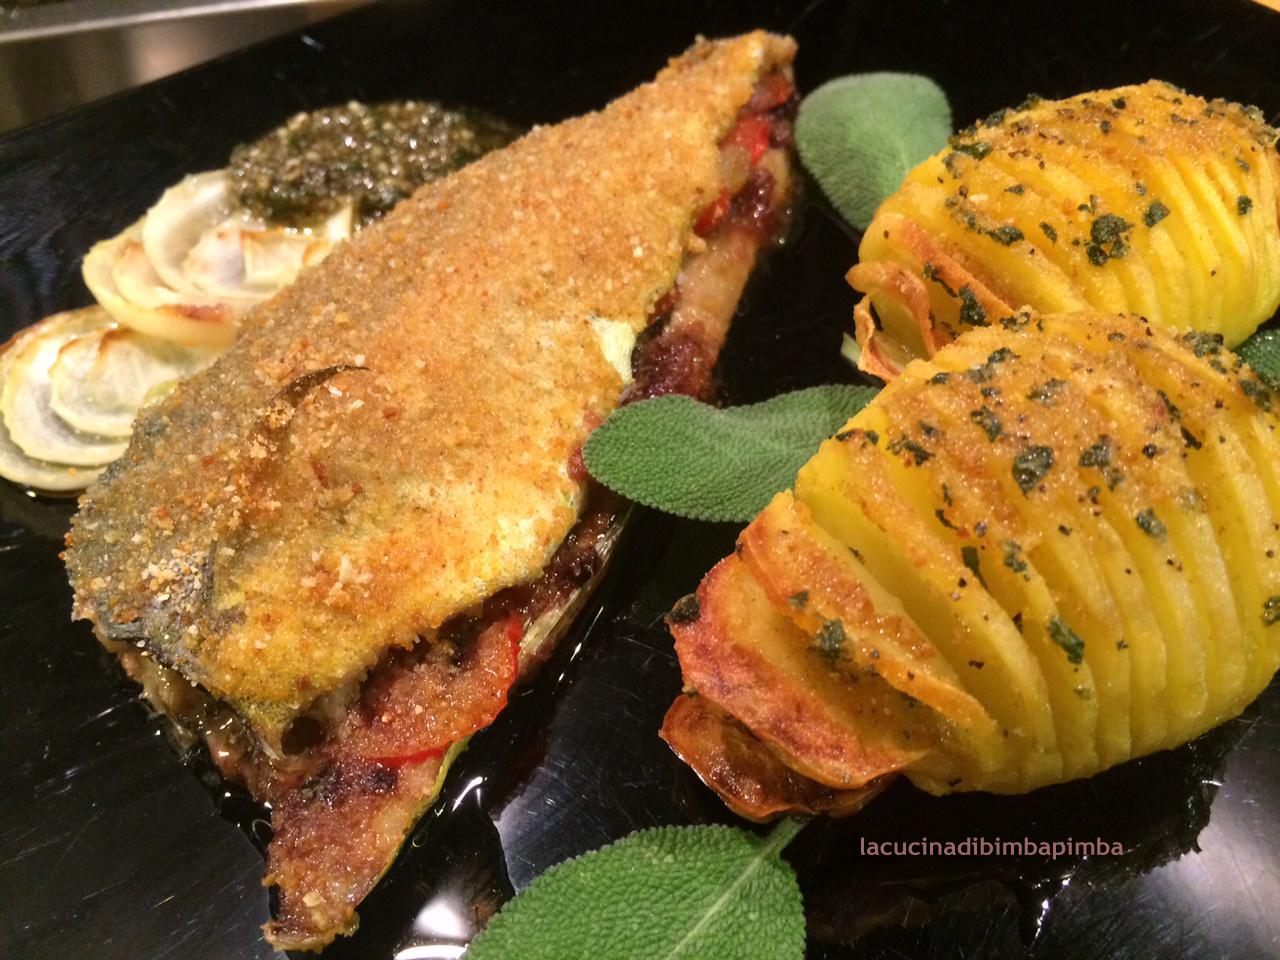 la cucina di bimba pimba: Filetti di Capone all'eoliana con ...